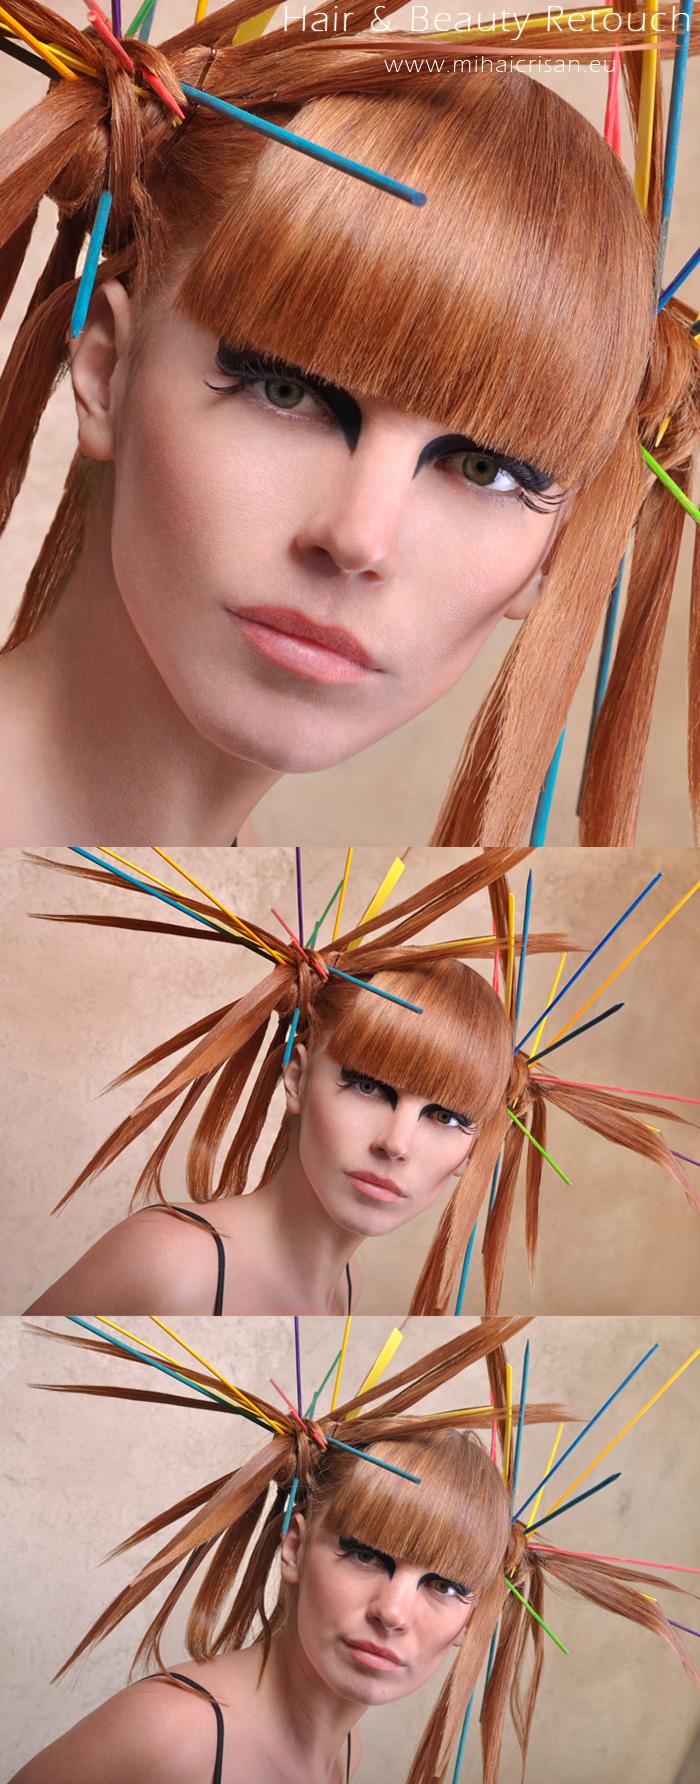 Mar 27, 2010 by mihai crisan ; hair style - alina crisan, mua - mirela fazakas HR II